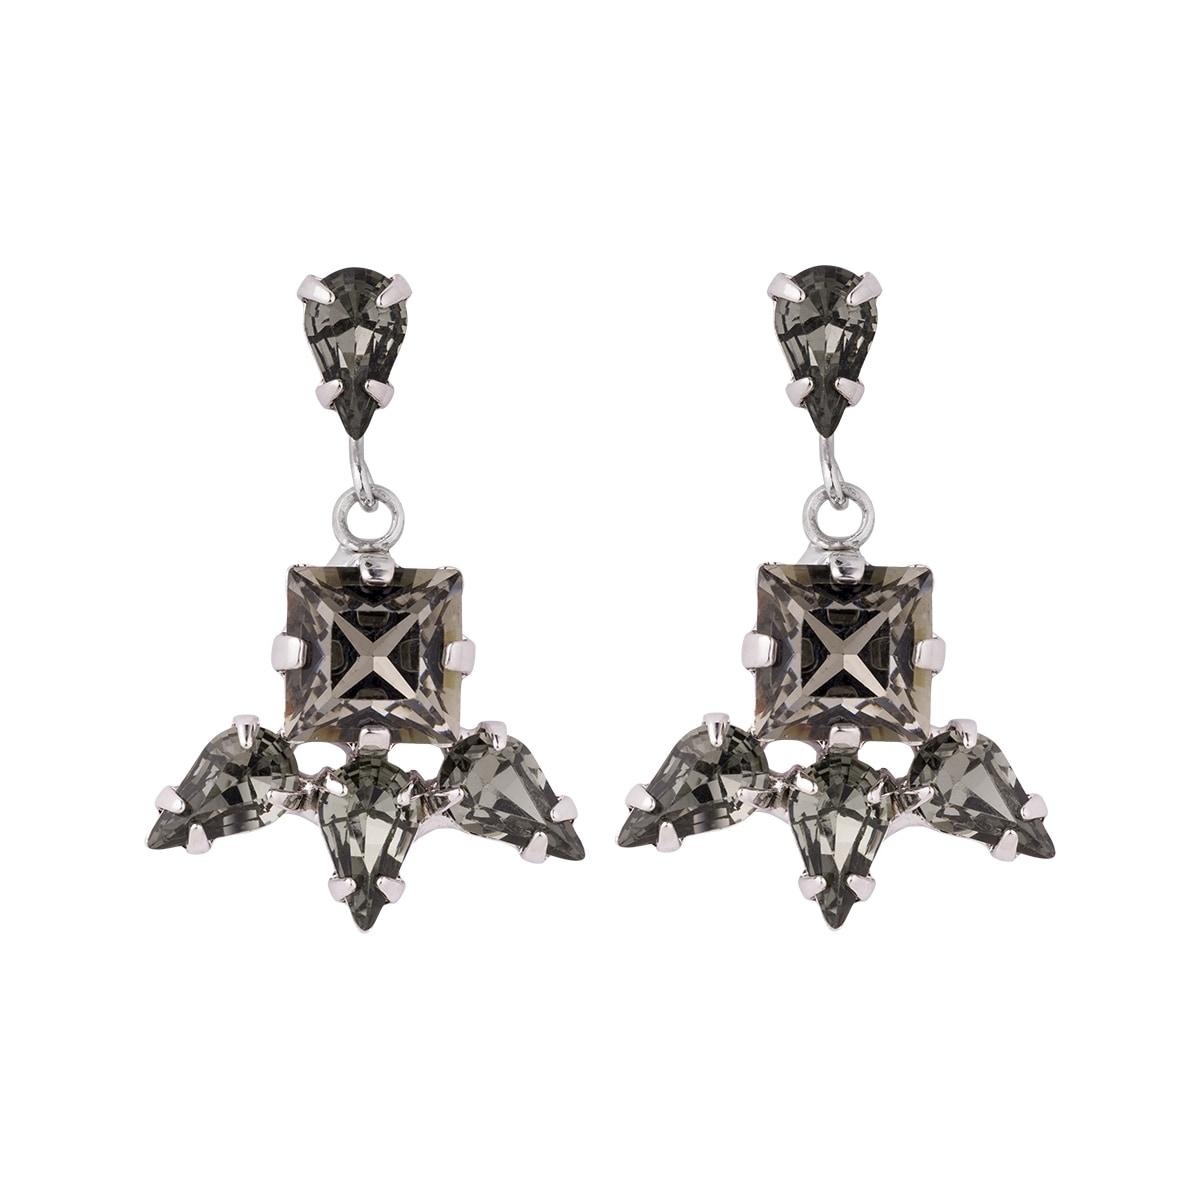 Pippa & Jean Paar Ohrhänger Set: PJ026, (2 tlg.), verziert mit Kristallen von Swarovski grün Damen Ohrringe Schmuck